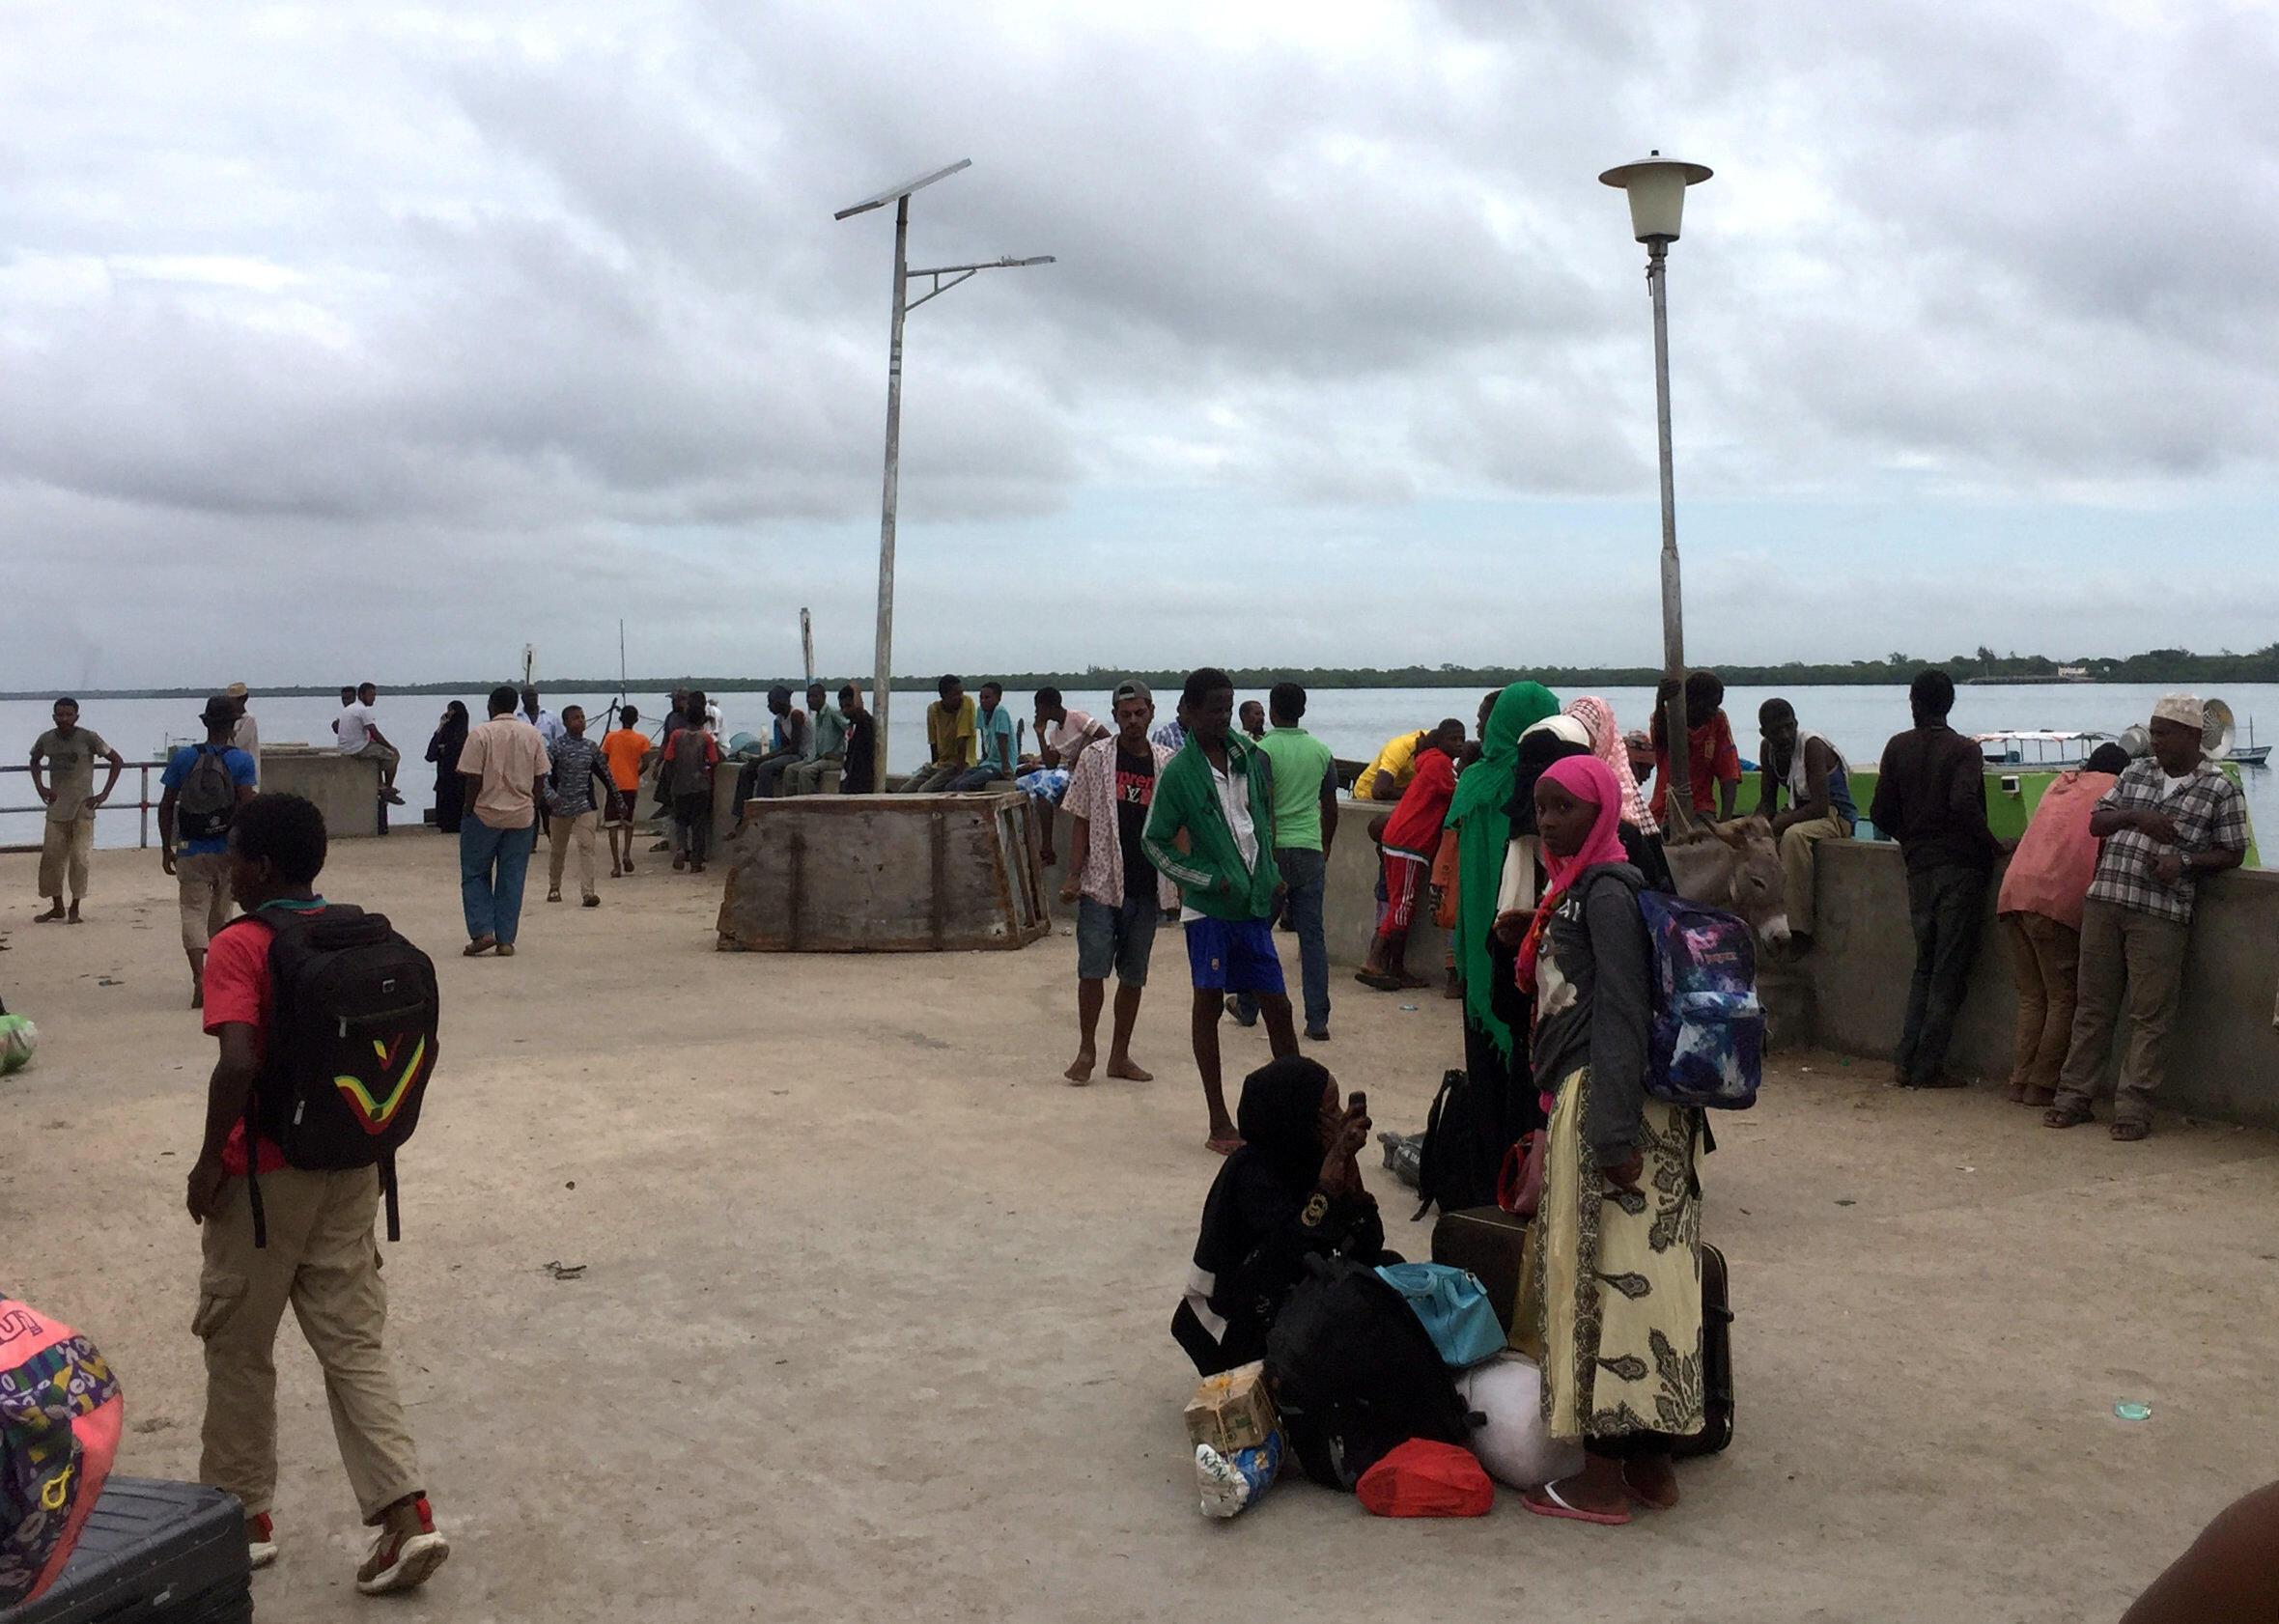 Au Kenya, dans la ville de Lamu, une attaque des shebabs a eu lieu et des voyageurs ont été mis en sécurité dans une base militaire, le 05 janvier 2020.